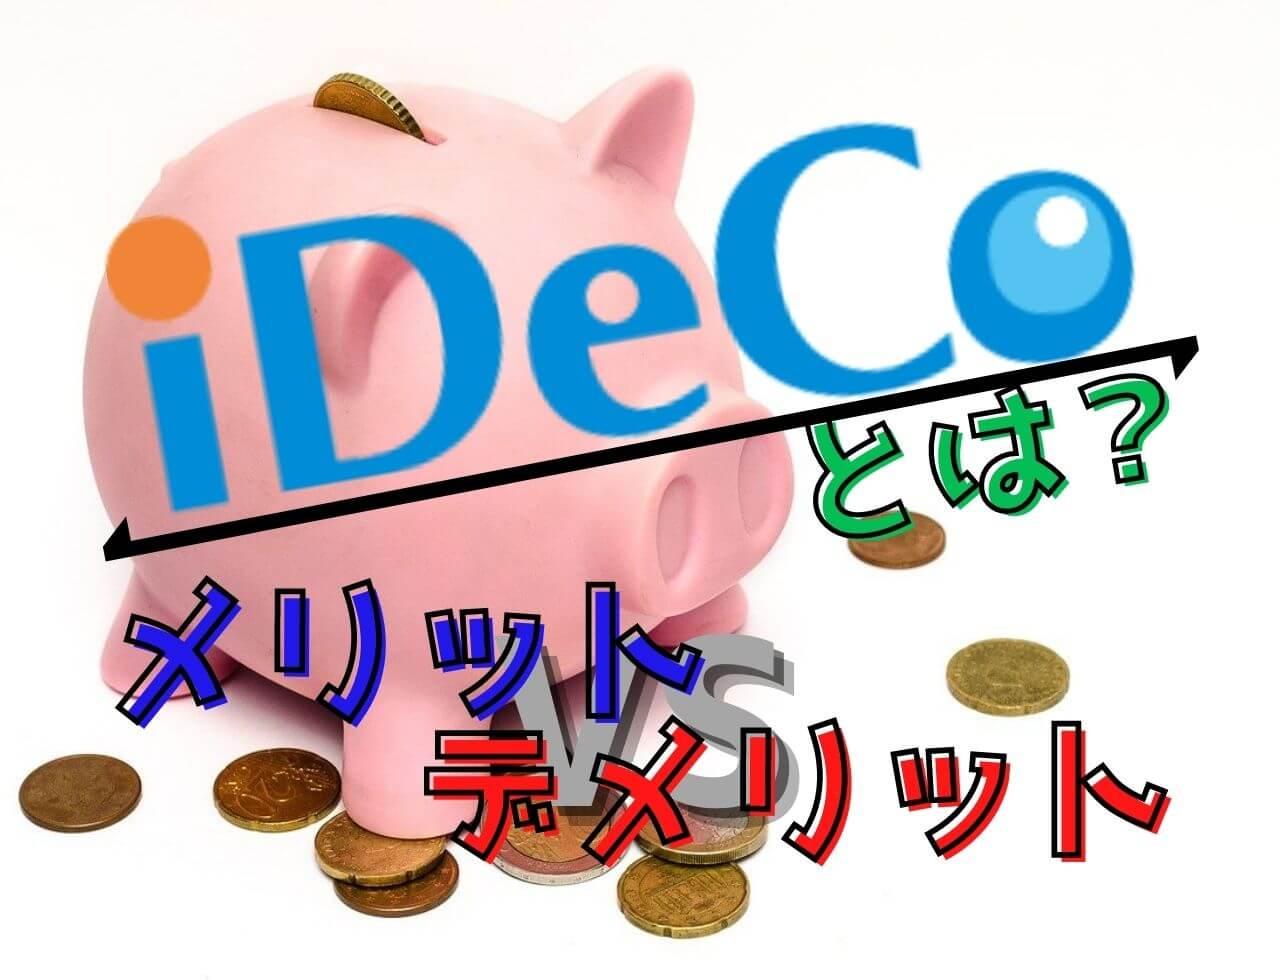 「iDeCo」とは?メリット5つとデメリット6つを解説!